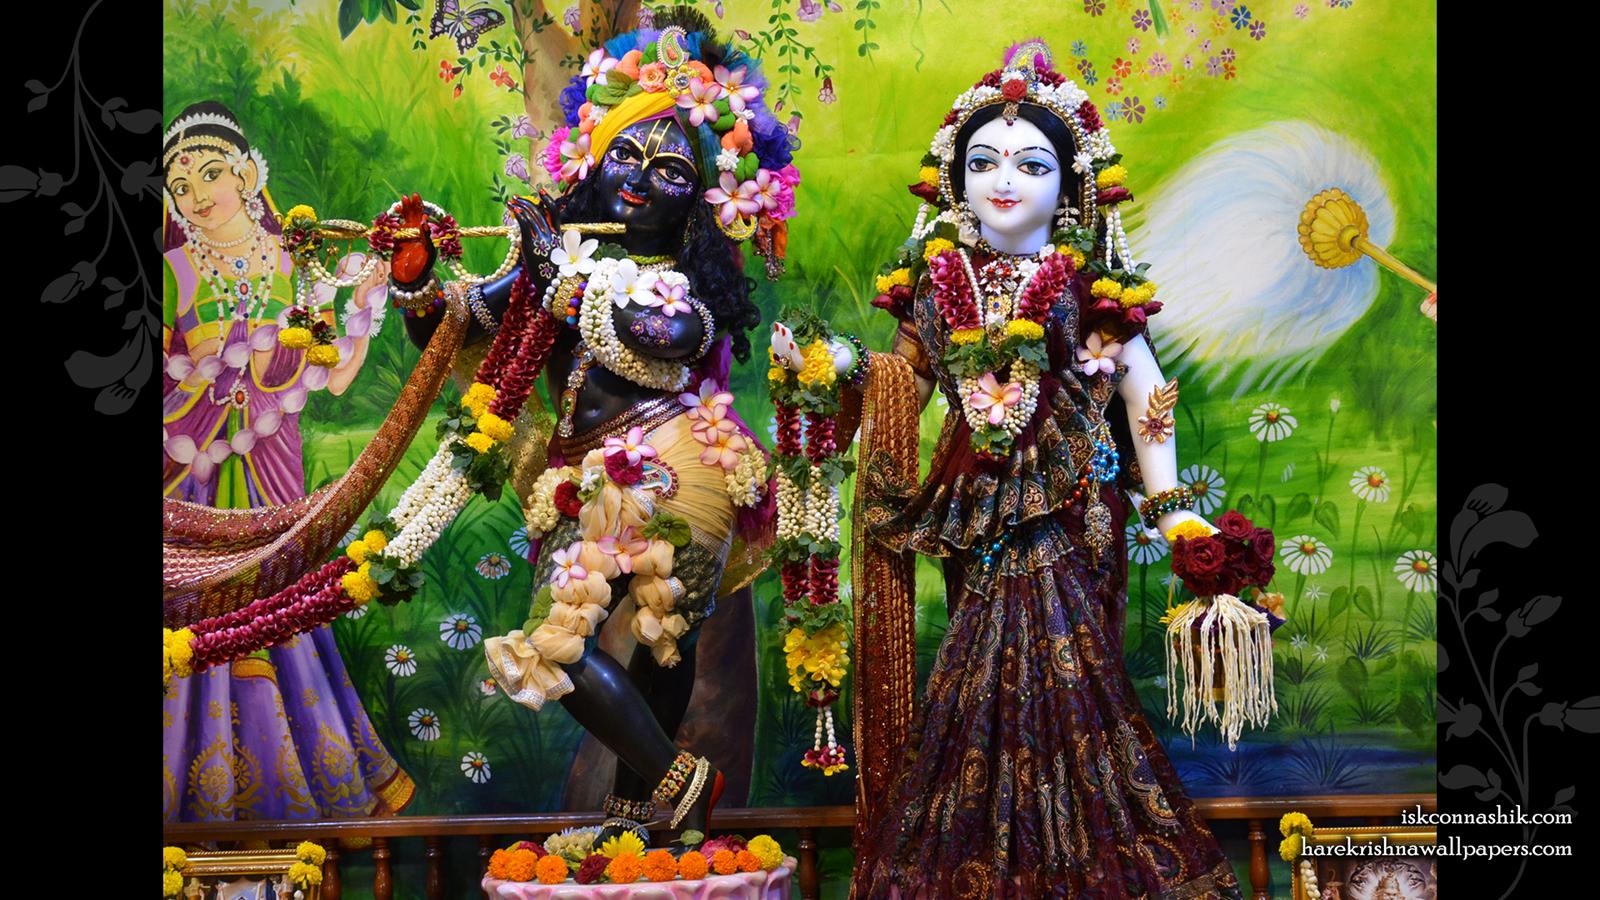 Sri Sri Radha Madan Gopal Wallpaper (017) Size 1600x900 Download